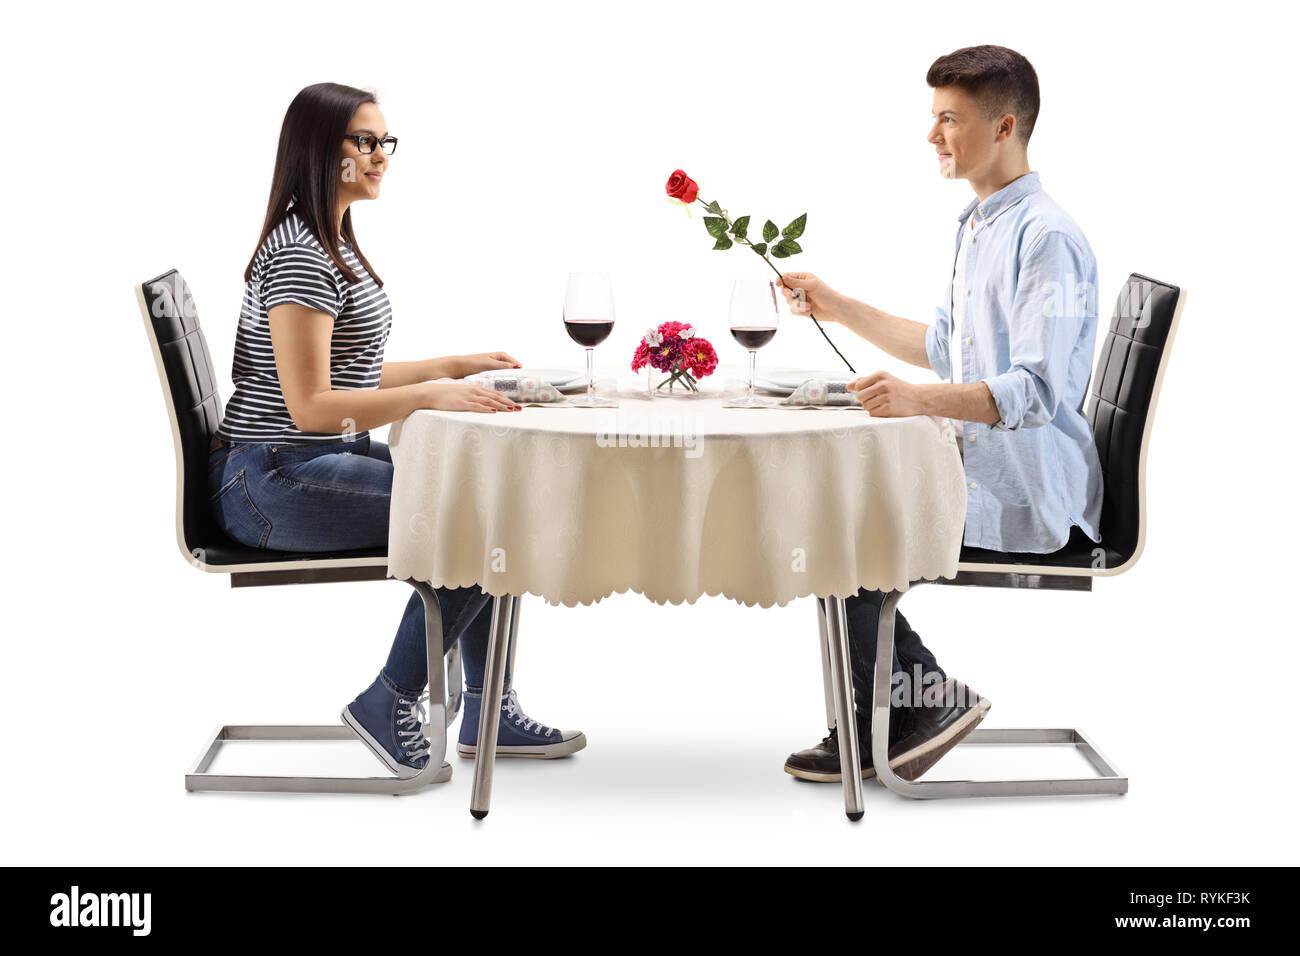 341a87ce4f2c Mujer Sentada En Una Cita Imágenes De Stock & Mujer Sentada En Una ...